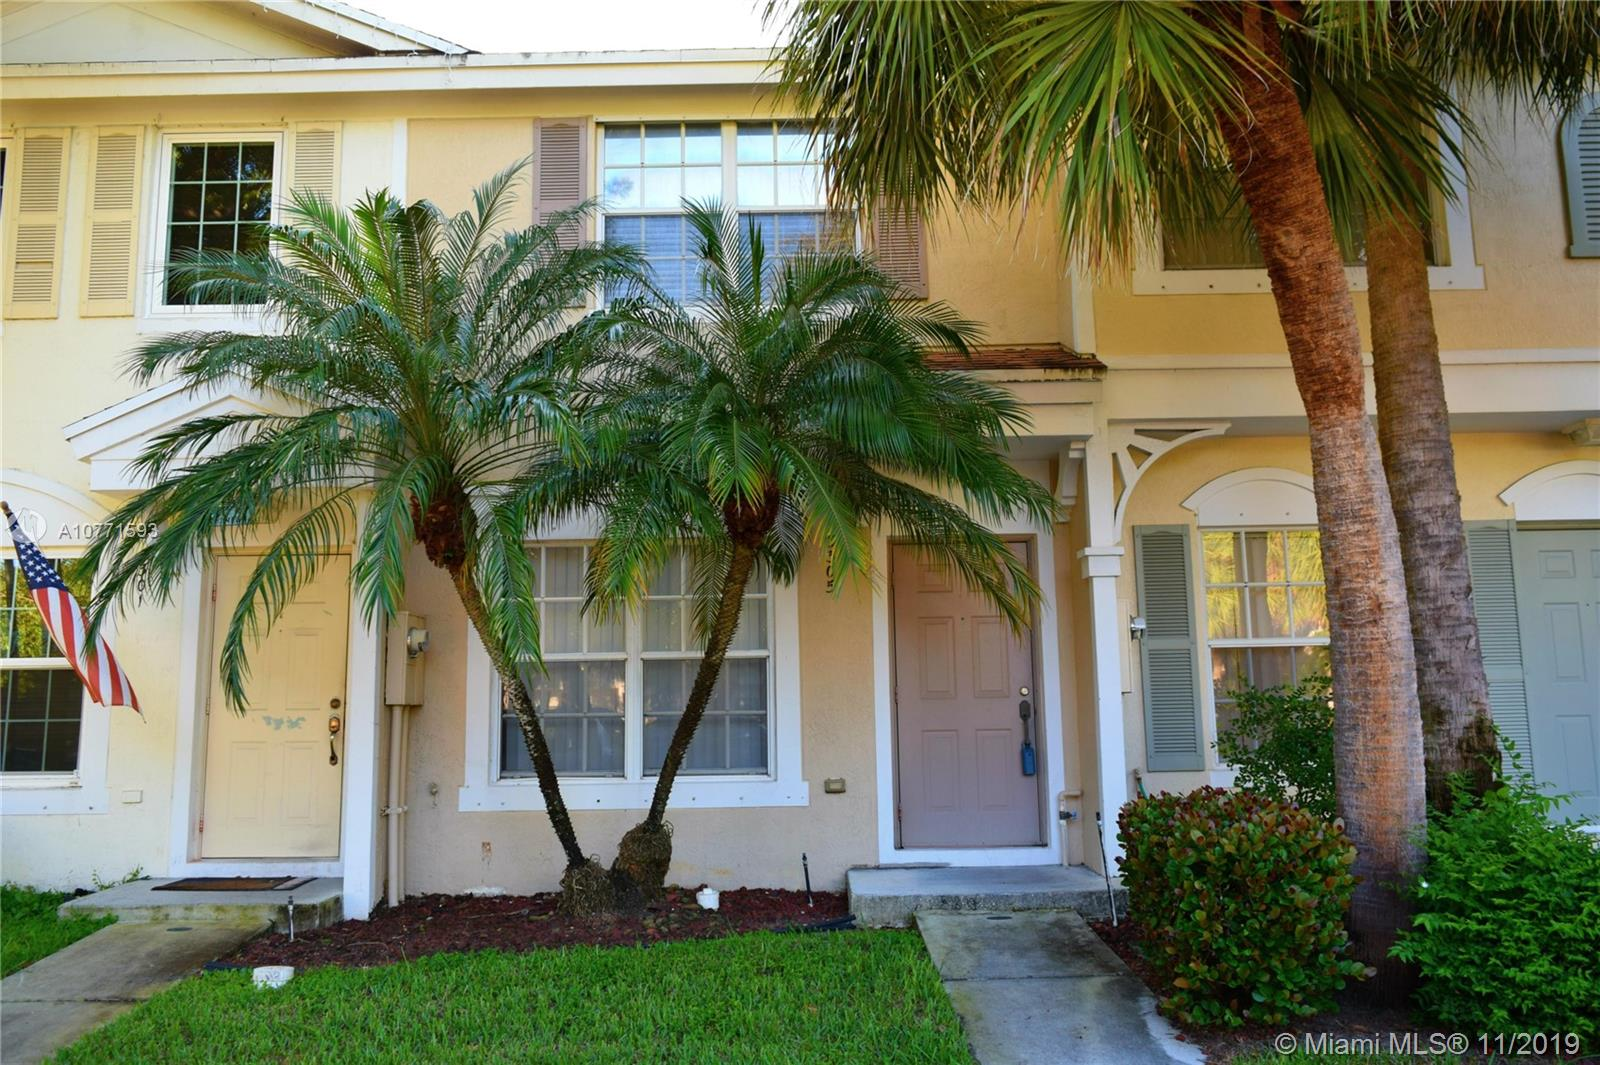 Property for sale at 3305 Cabaret Ln, Margate,  Florida 33063